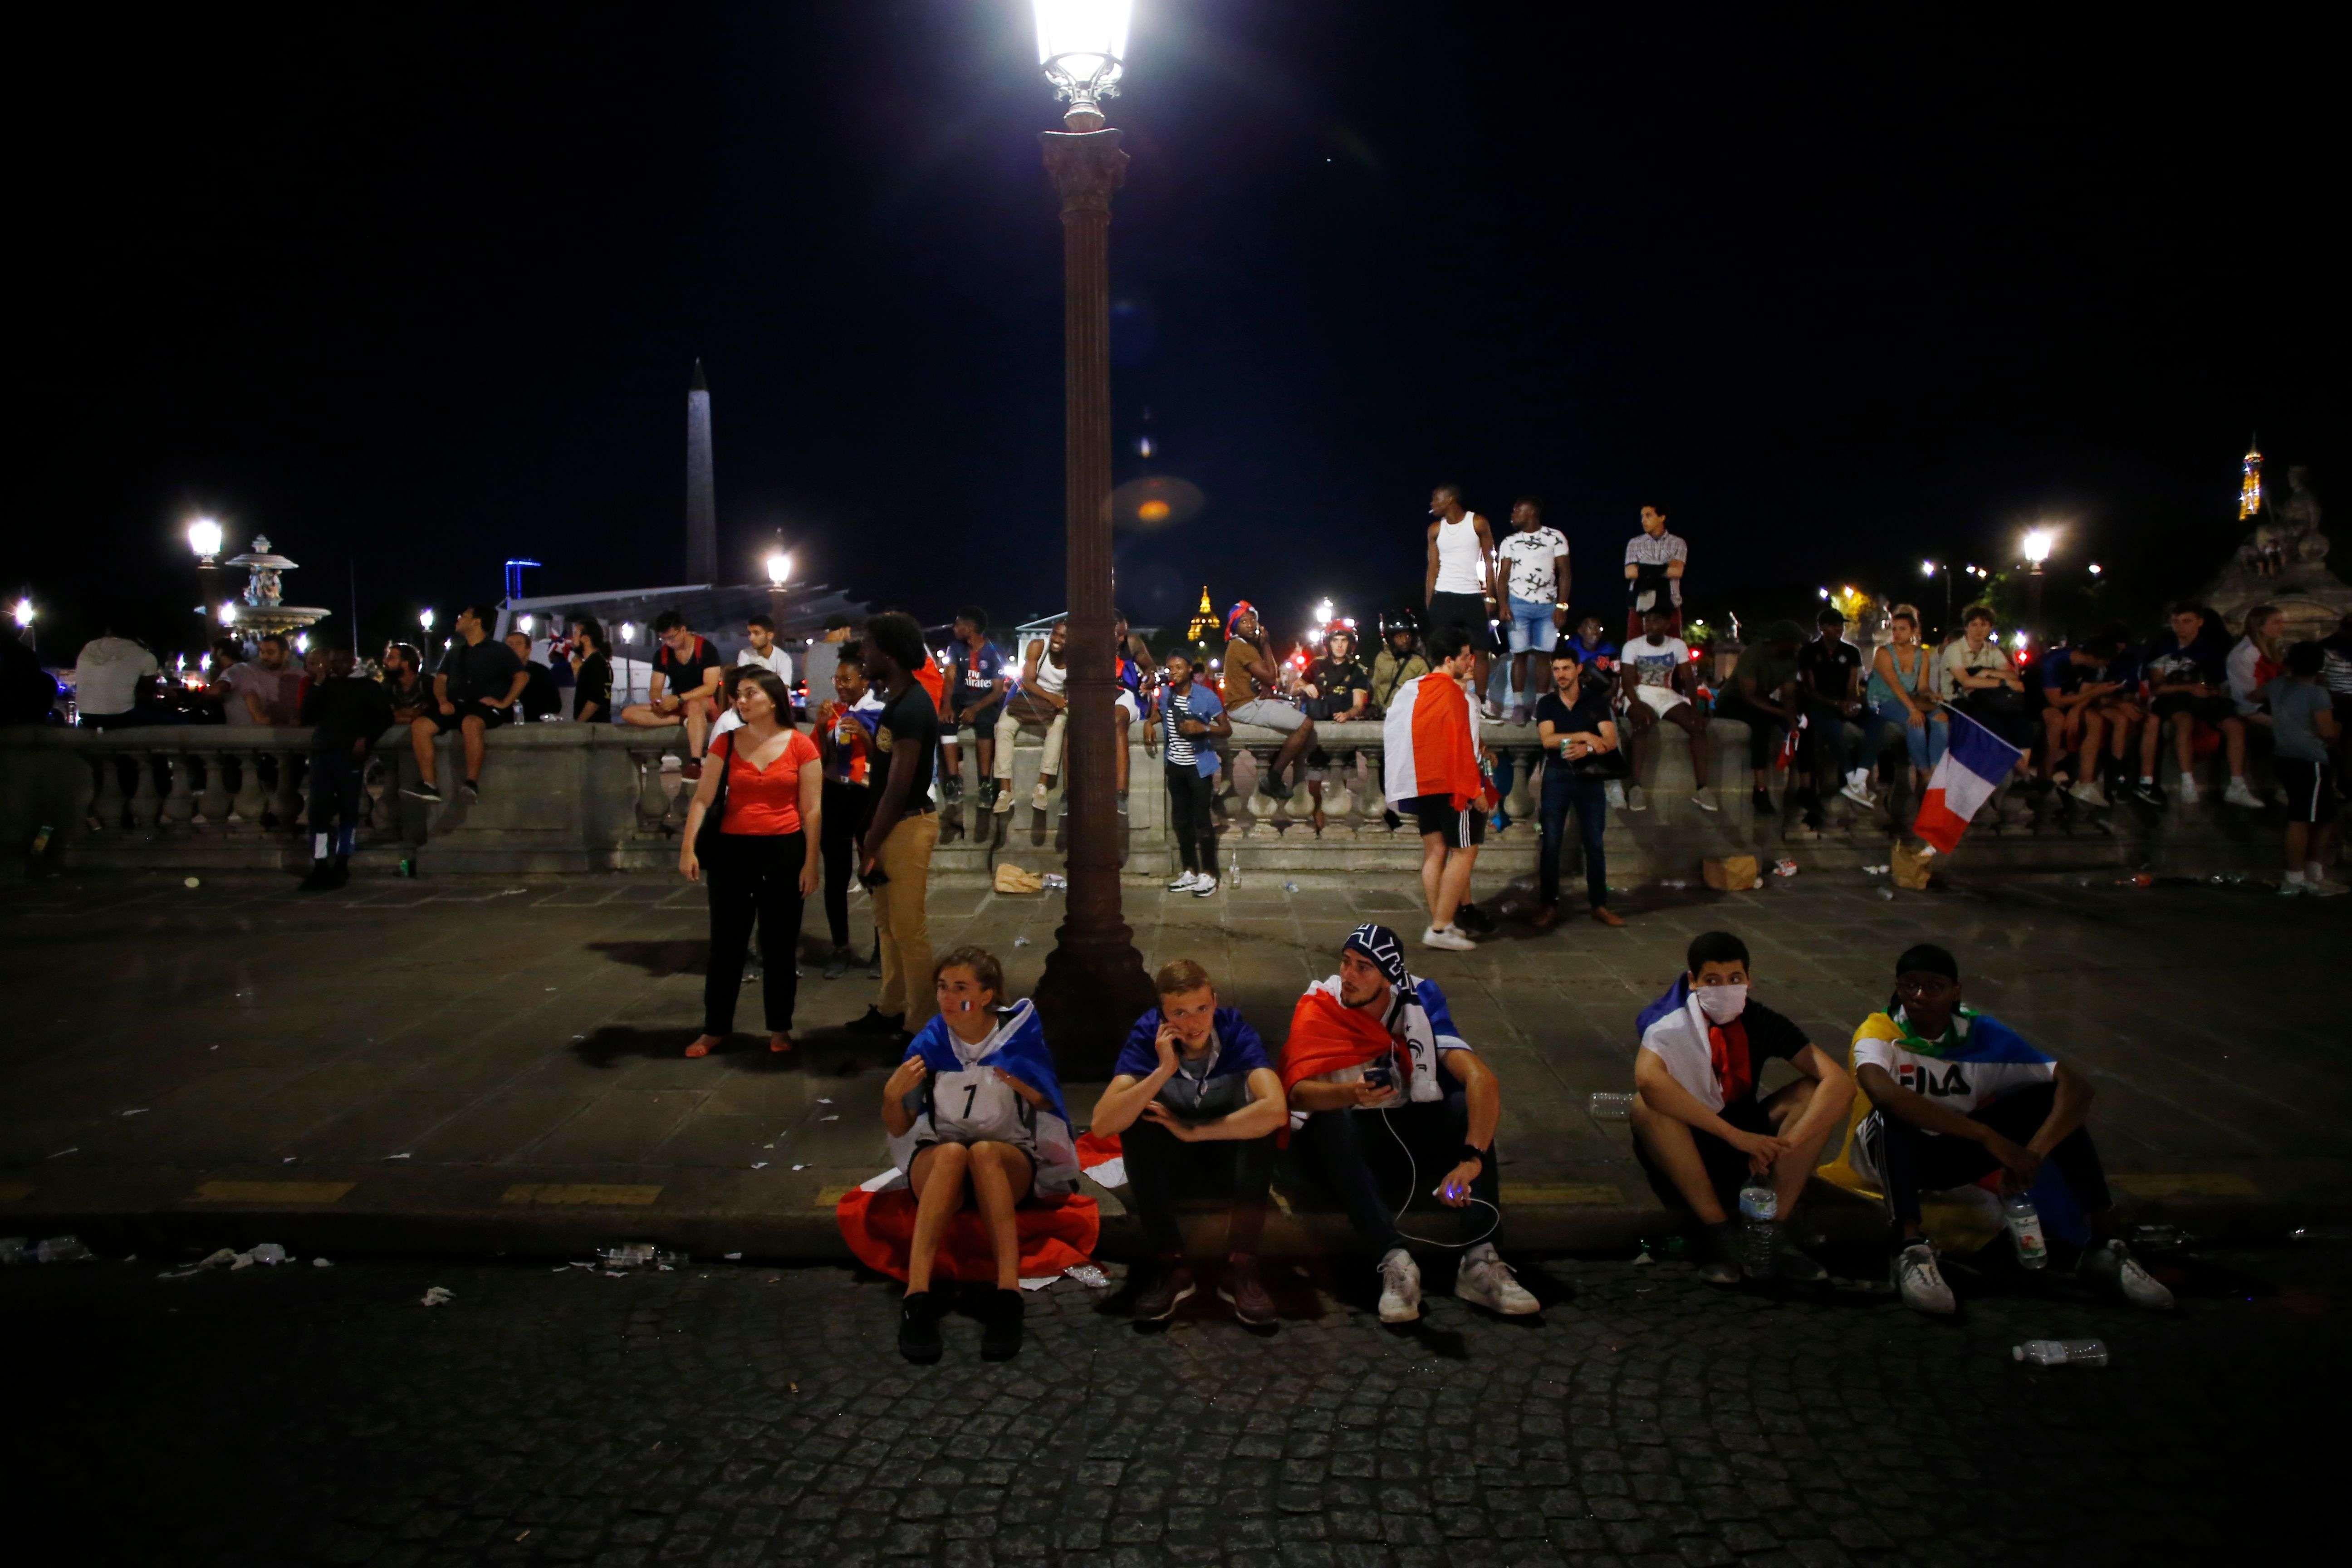 Malheureusement, c'est en vain que les supporteurs ont attendu le passage des Bleus par la place de la Concorde, sortis par une porte dérobée de l'Elysée, les fans ne les auront pas même aperçus.